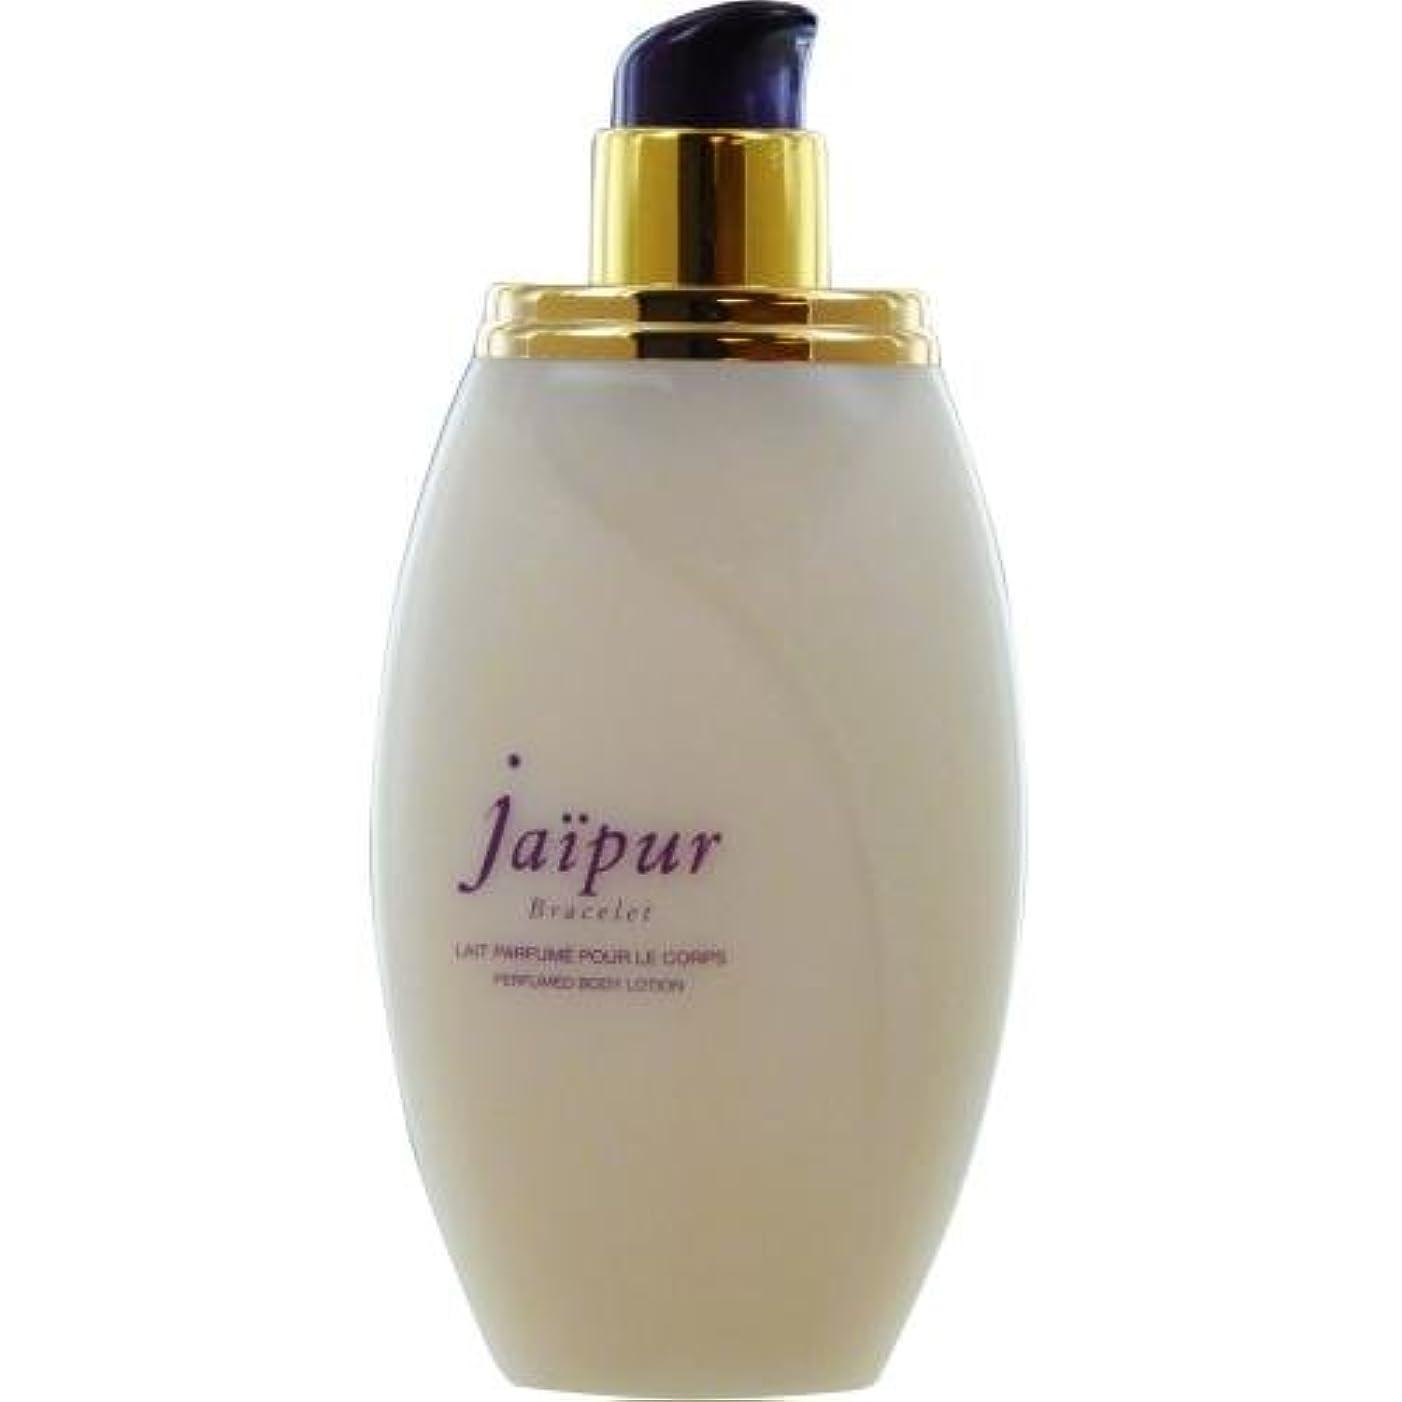 トレースイノセンス給料Jaipur Bracelet Perfumed Body Lotion